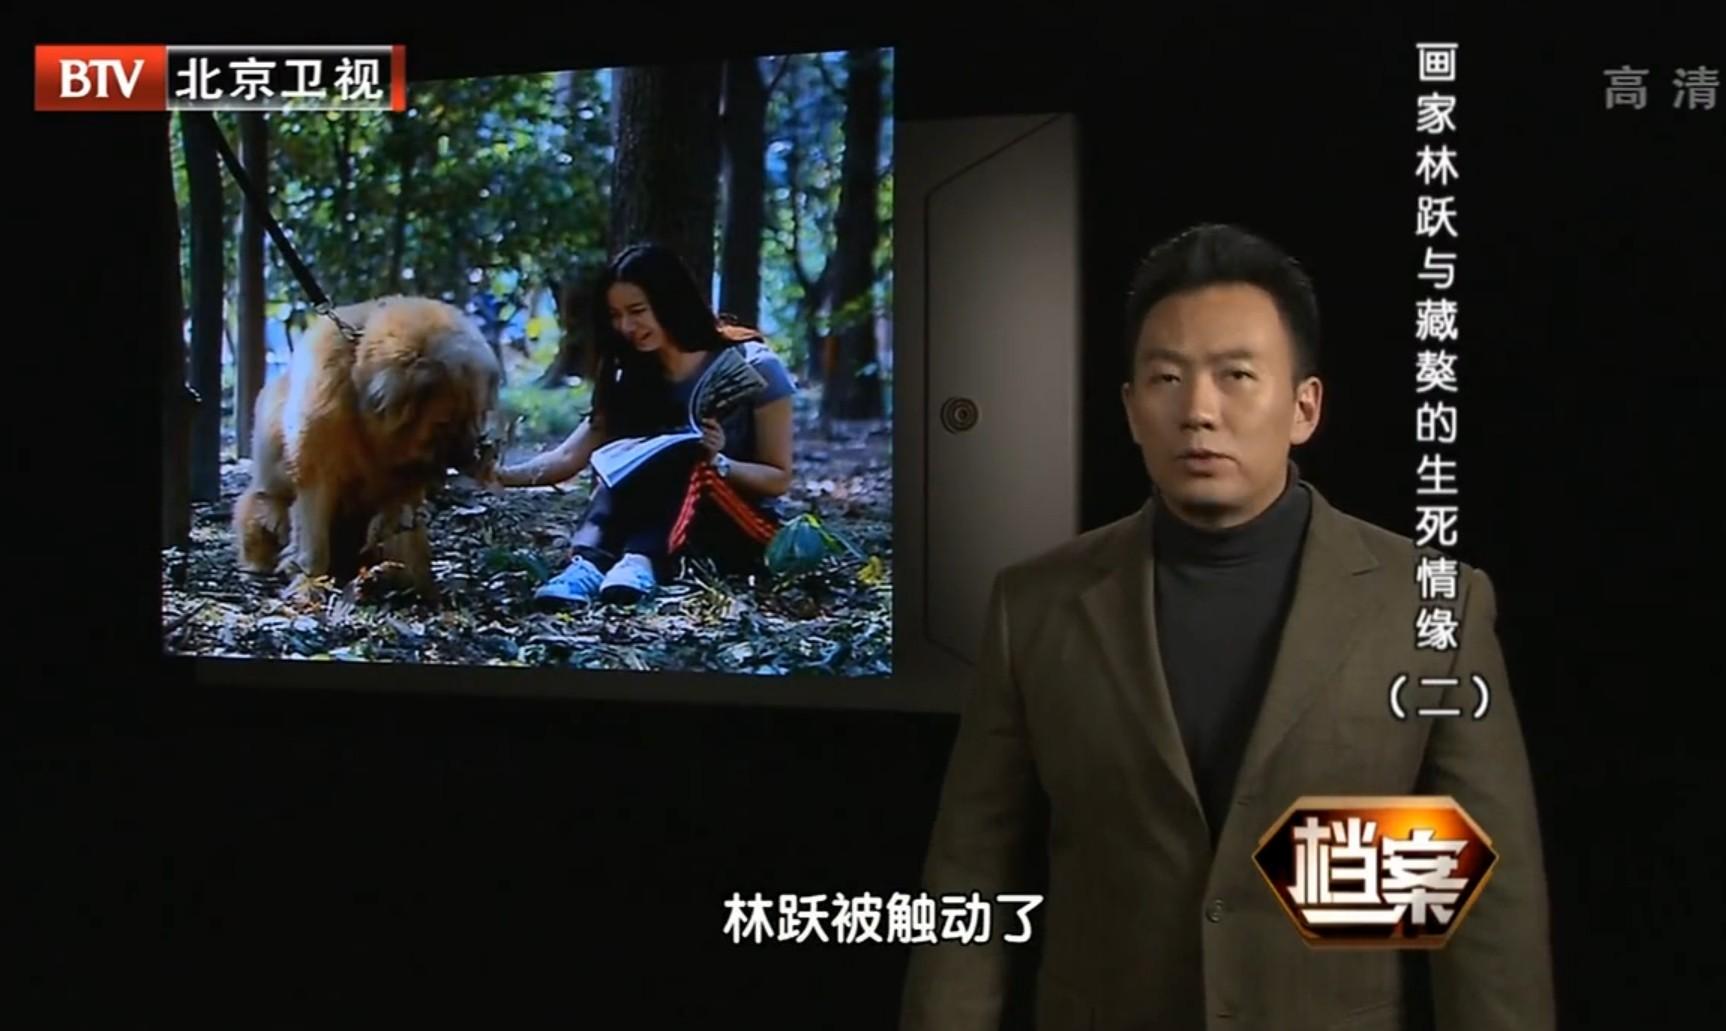 北京卫视《档案》通过解密探寻解读林跃与藏獒西巴王之间的情感缘由图片